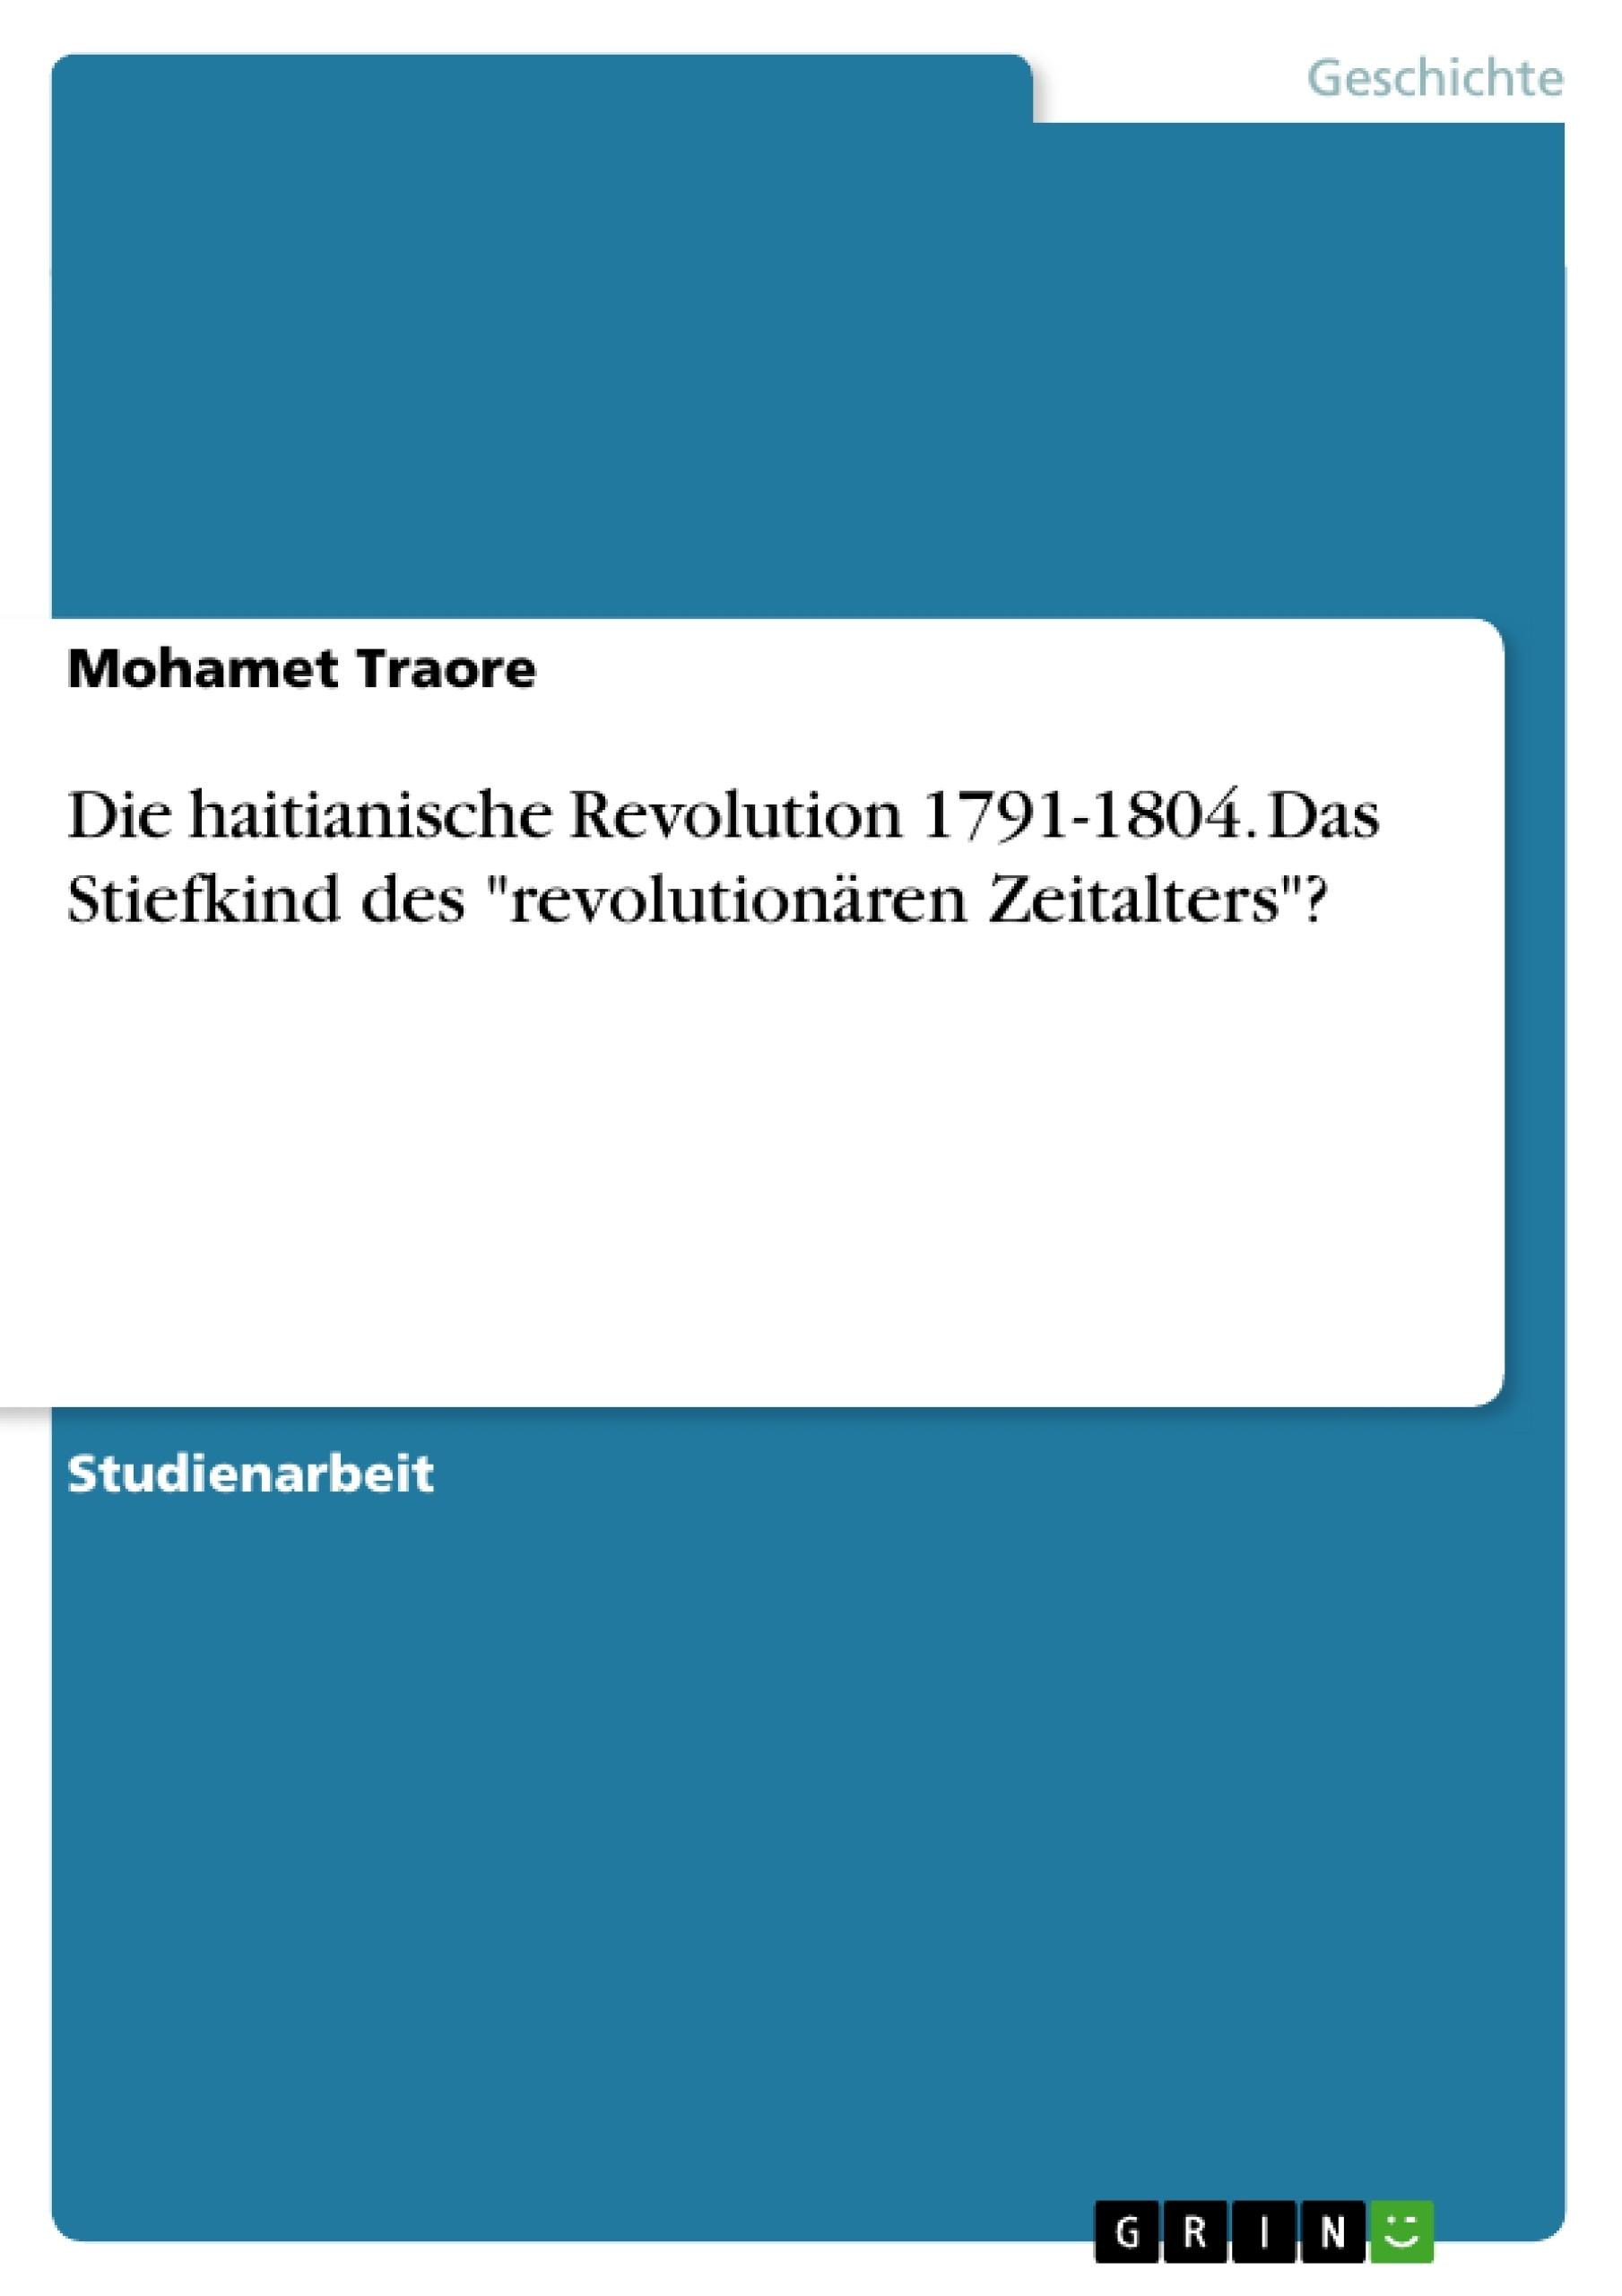 """Titel: Die haitianische Revolution 1791-1804. Das Stiefkind des """"revolutionären Zeitalters""""?"""